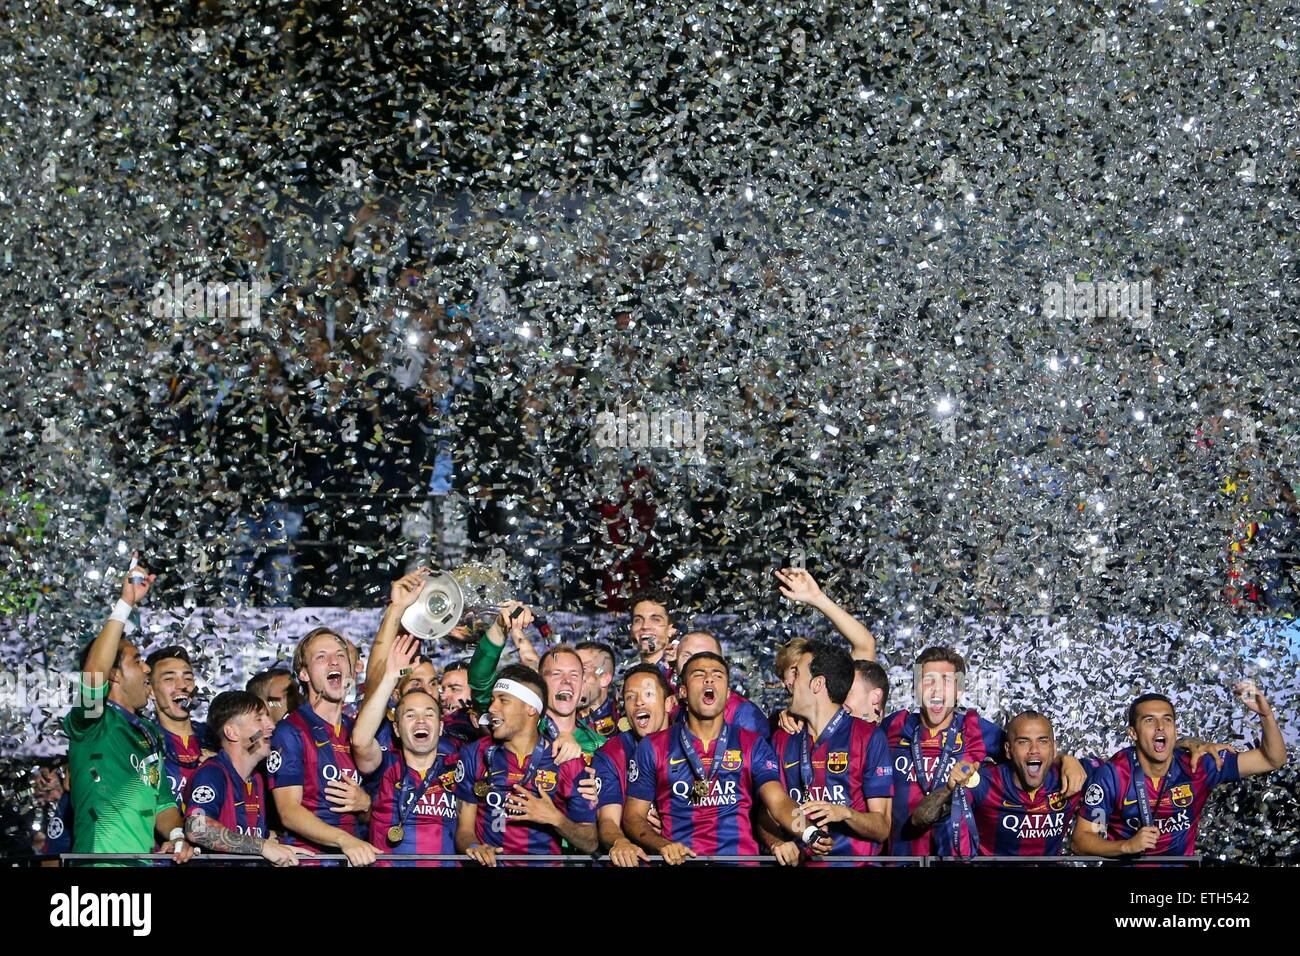 Pechino, Germania. Il 6 giugno, 2015. I giocatori del FC Barcelona celebrare dopo la finale di UEFA Champions League Immagini Stock